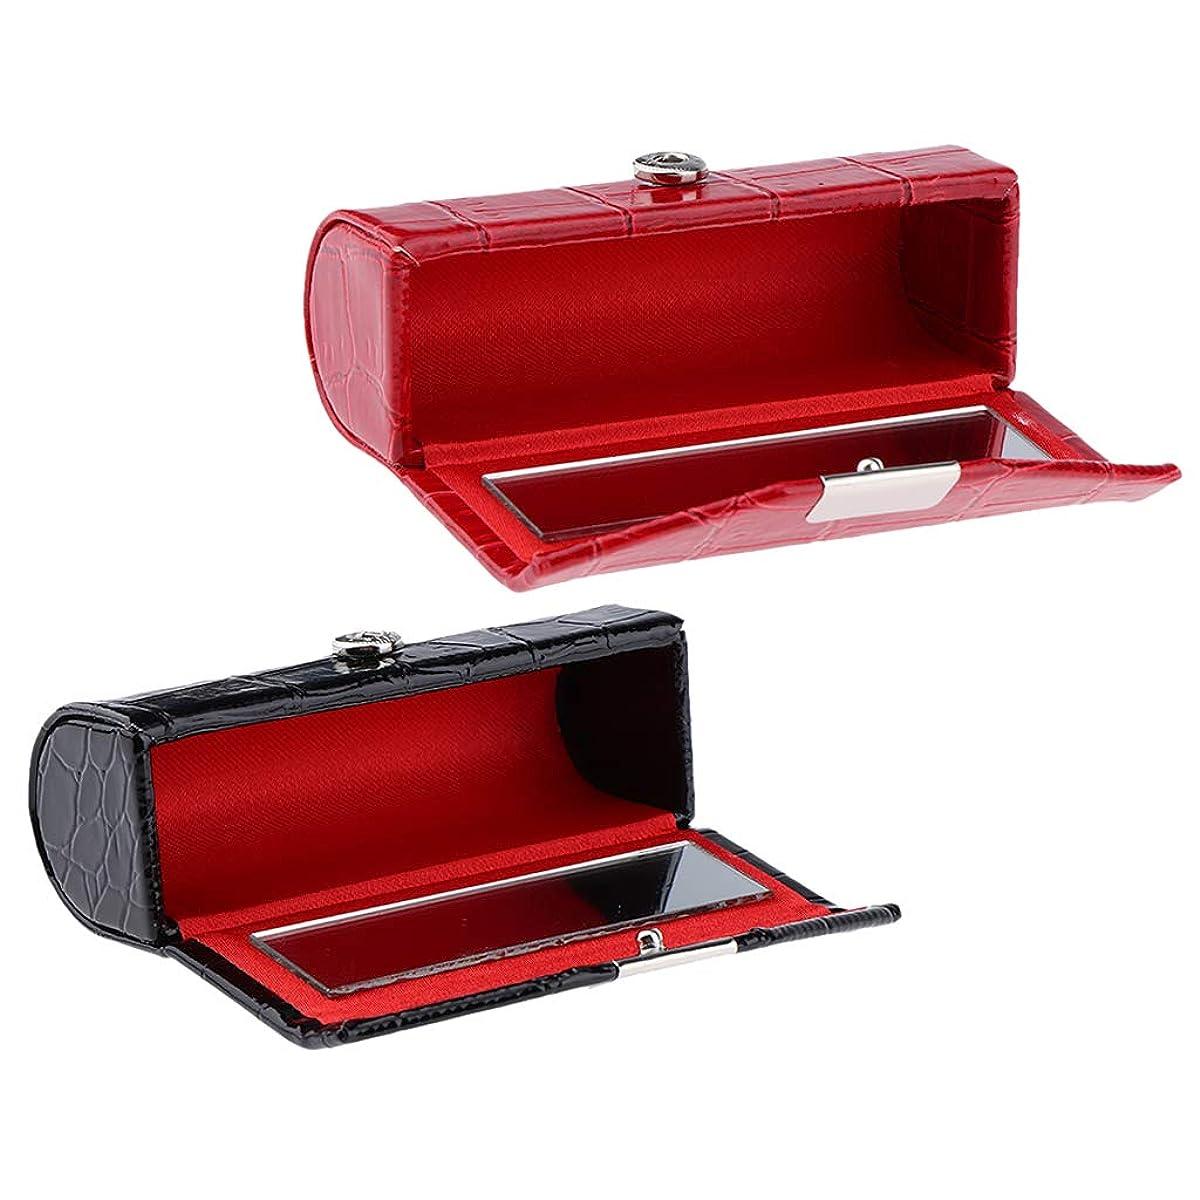 振るリマーク出発するP Prettyia 2個 ミラー付き レザー 口紅ケース 口紅ホルダー 収納ボックス